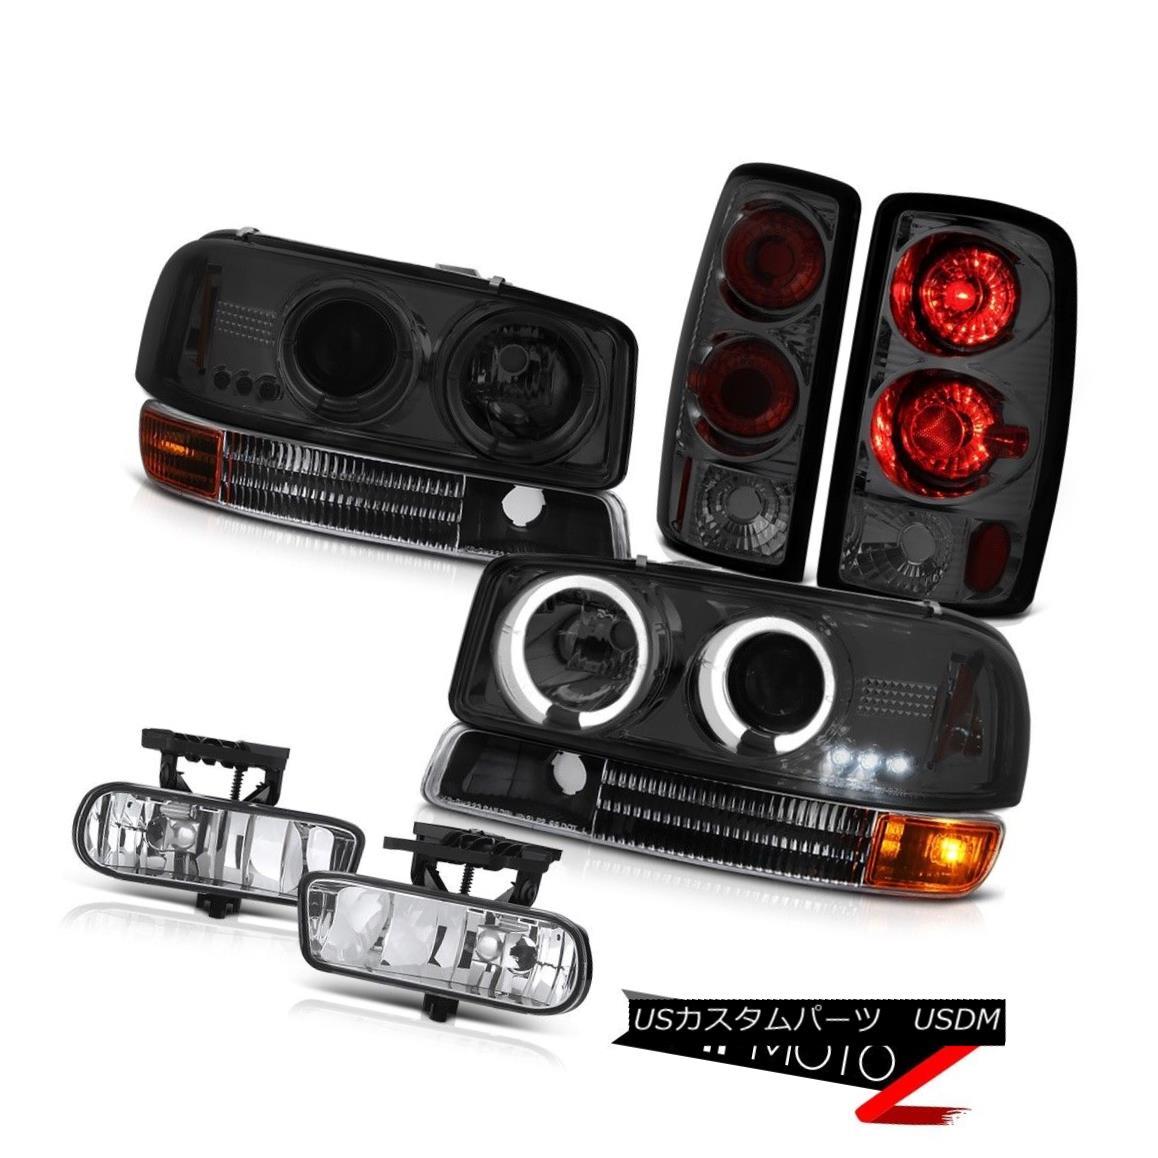 テールライト Halo LED Projector Headlights Signal Tail Light Driving Fog 2000-2006 Yukon 4.8L Halo LEDプロジェクターヘッドライト信号テールライトドライビングフォグ2000-2006ユーコン4.8L